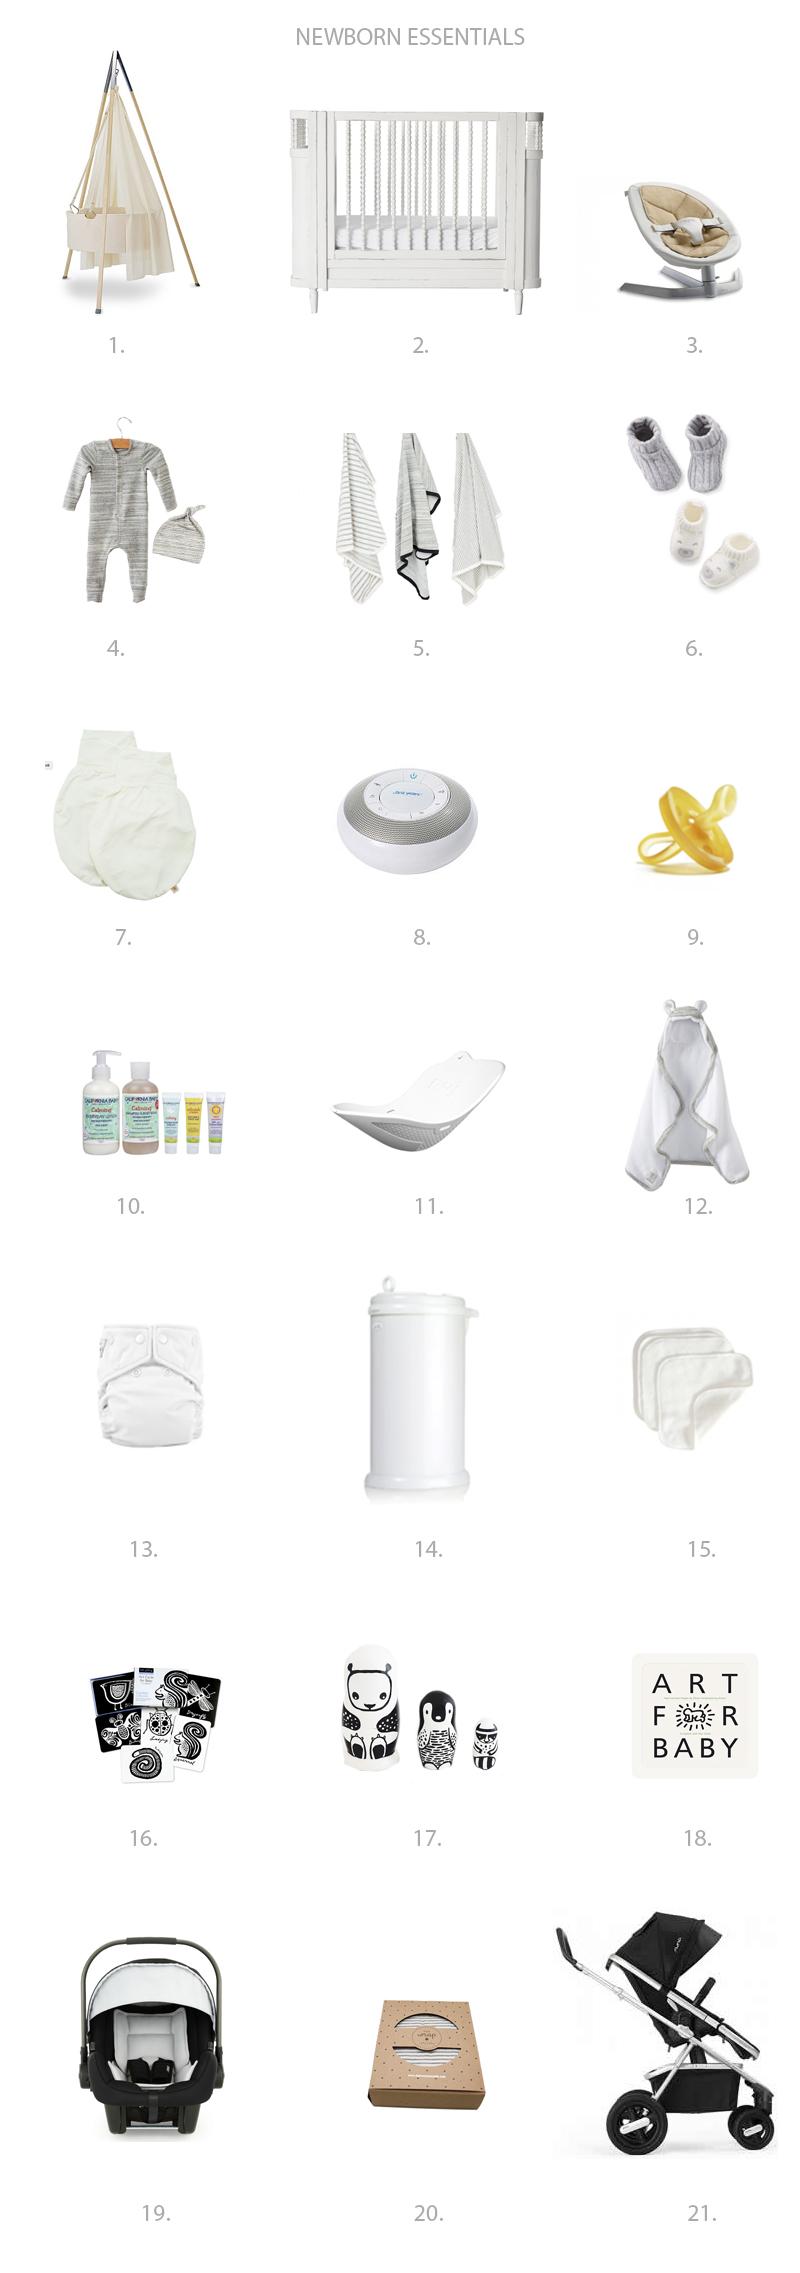 newborn_essentials